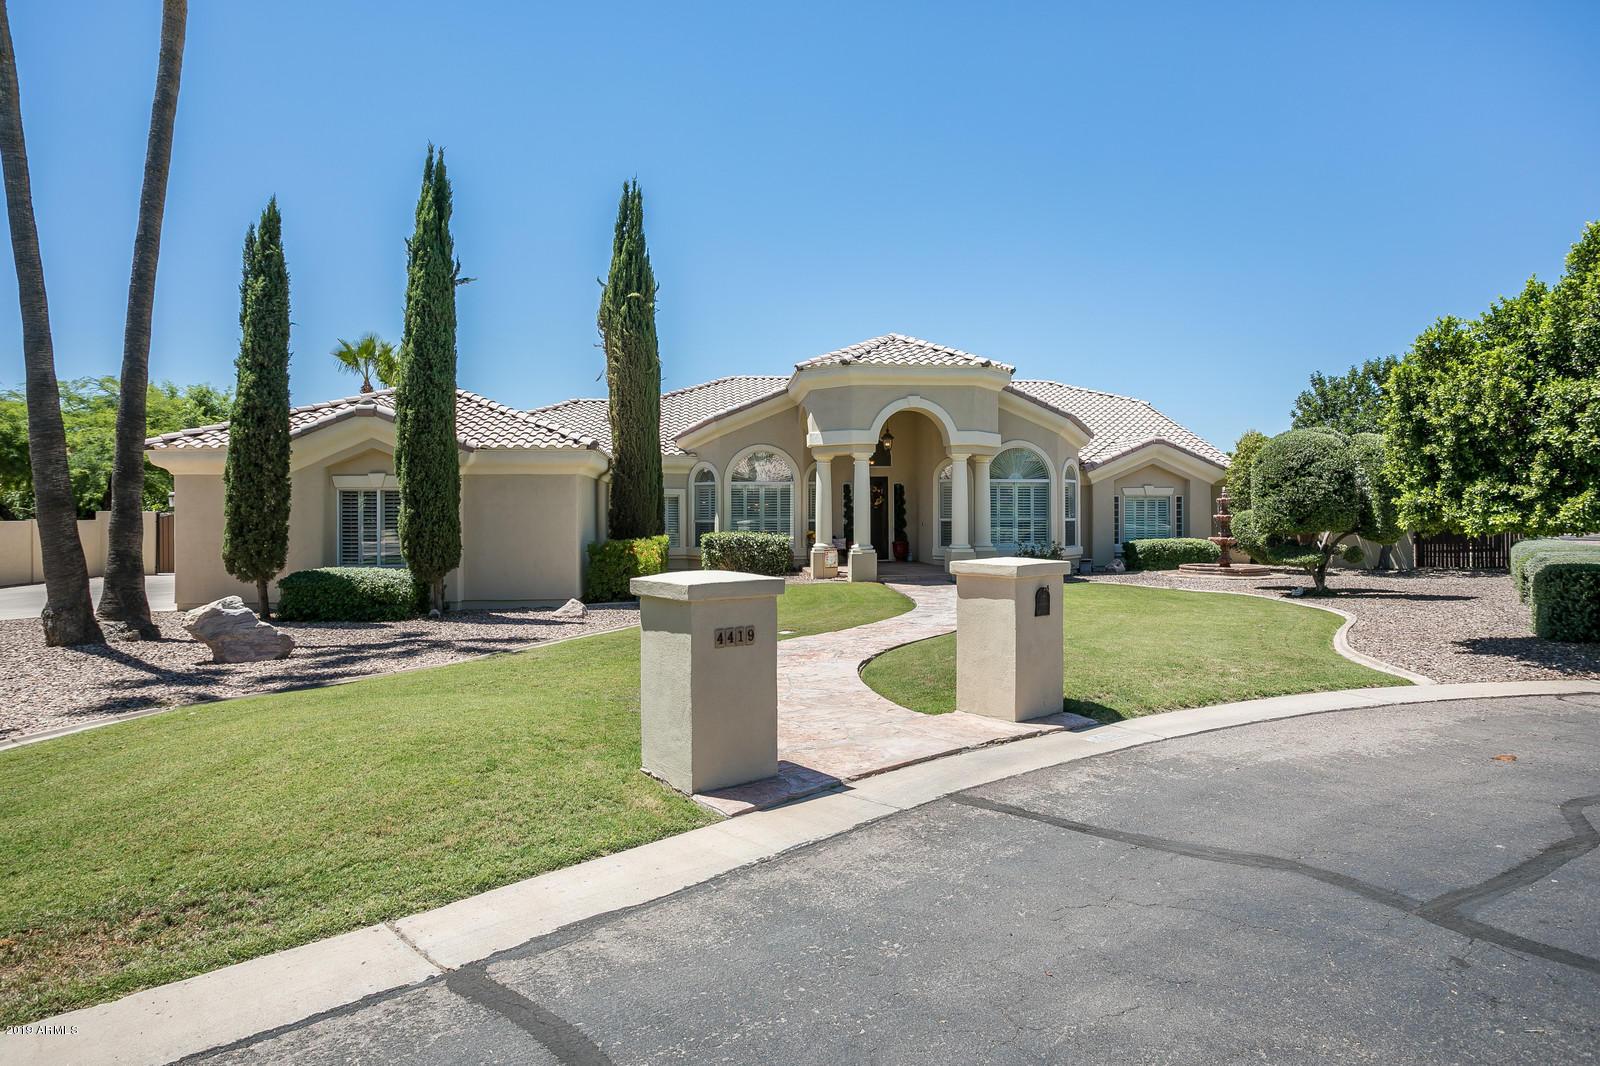 Photo of 4419 E Indigo Bay Drive, Gilbert, AZ 85234